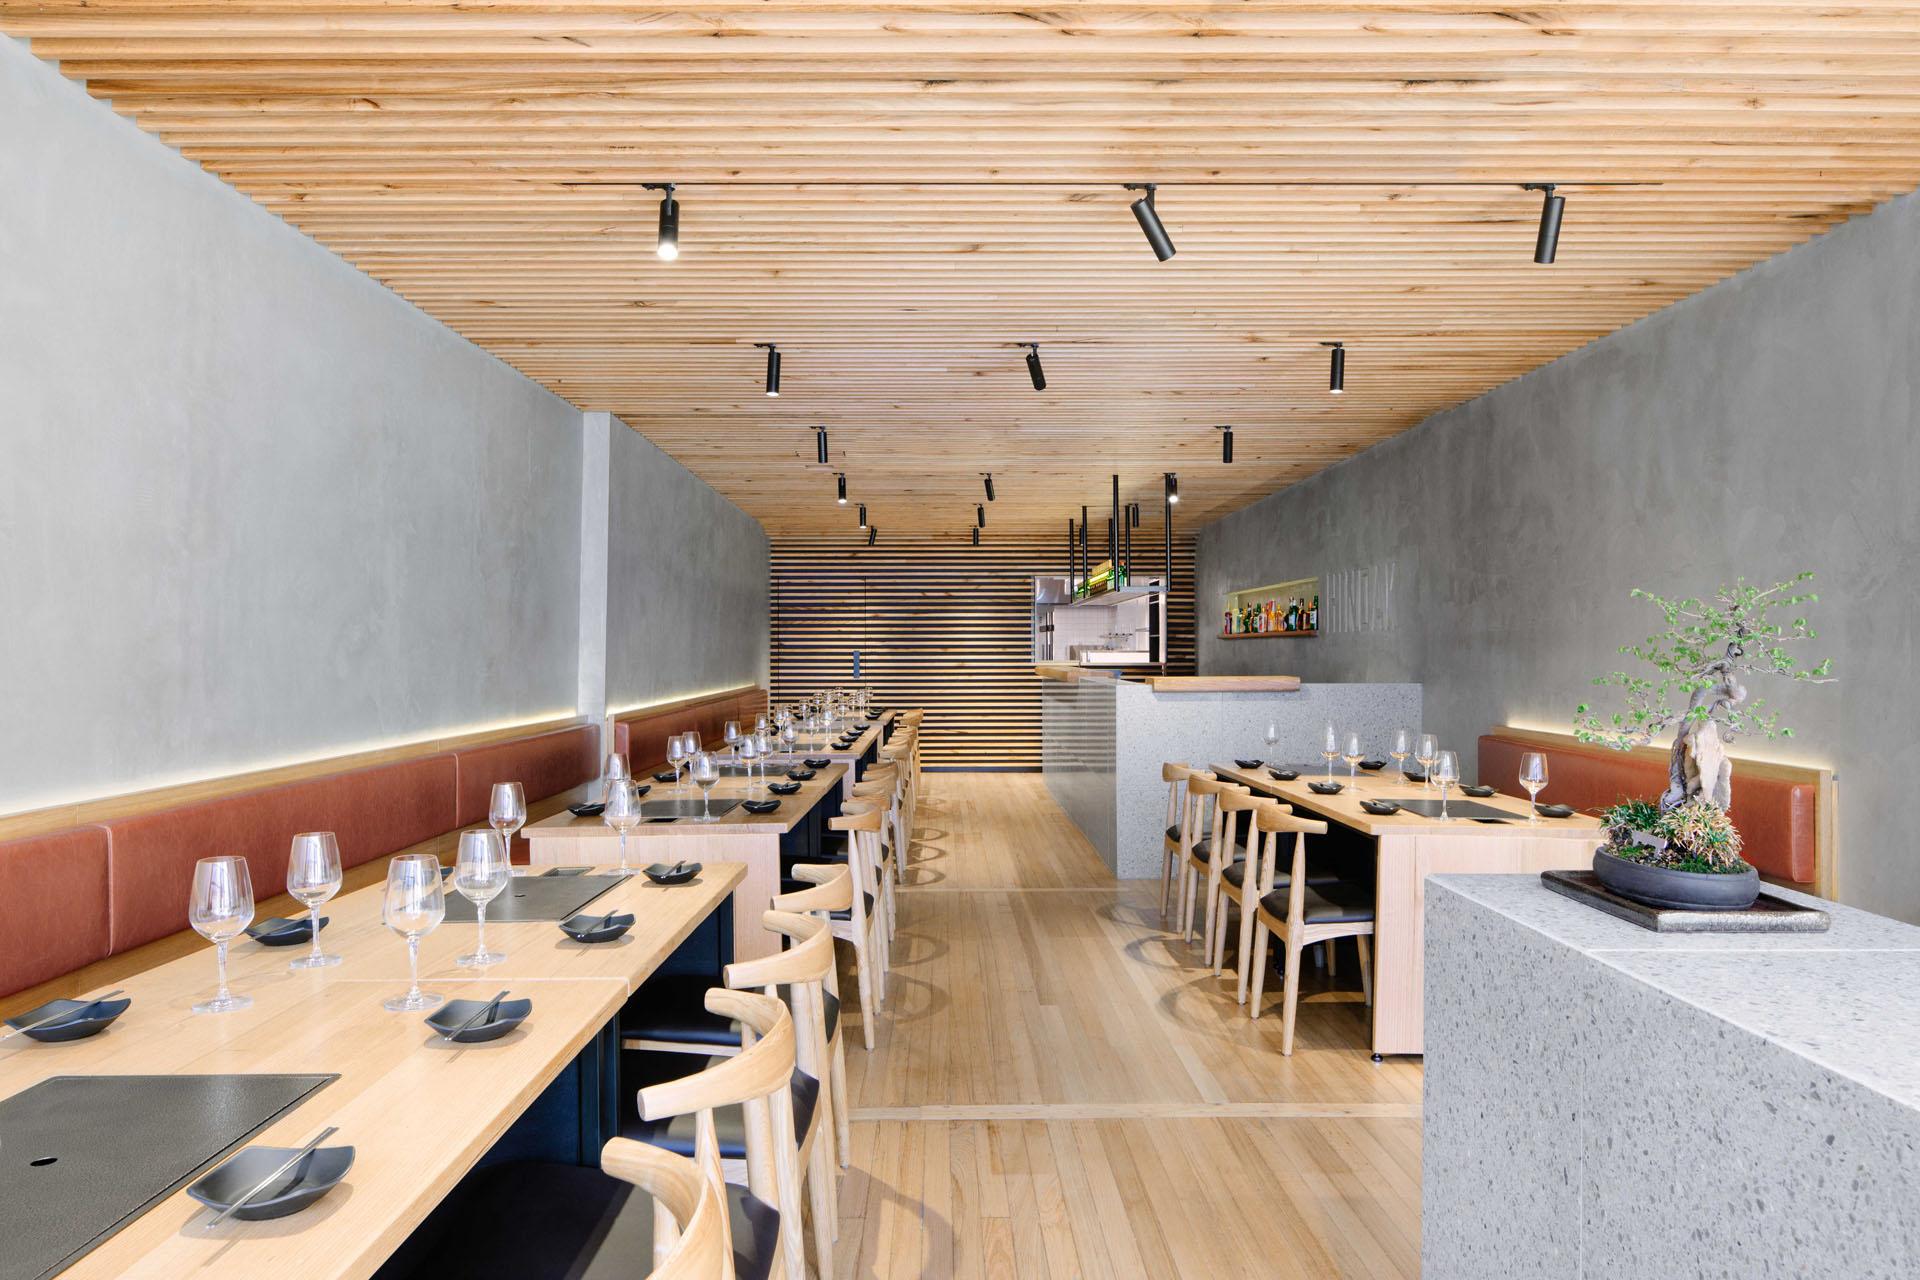 Hinoak U2014 Biasol Interior Design | Building | Products ...